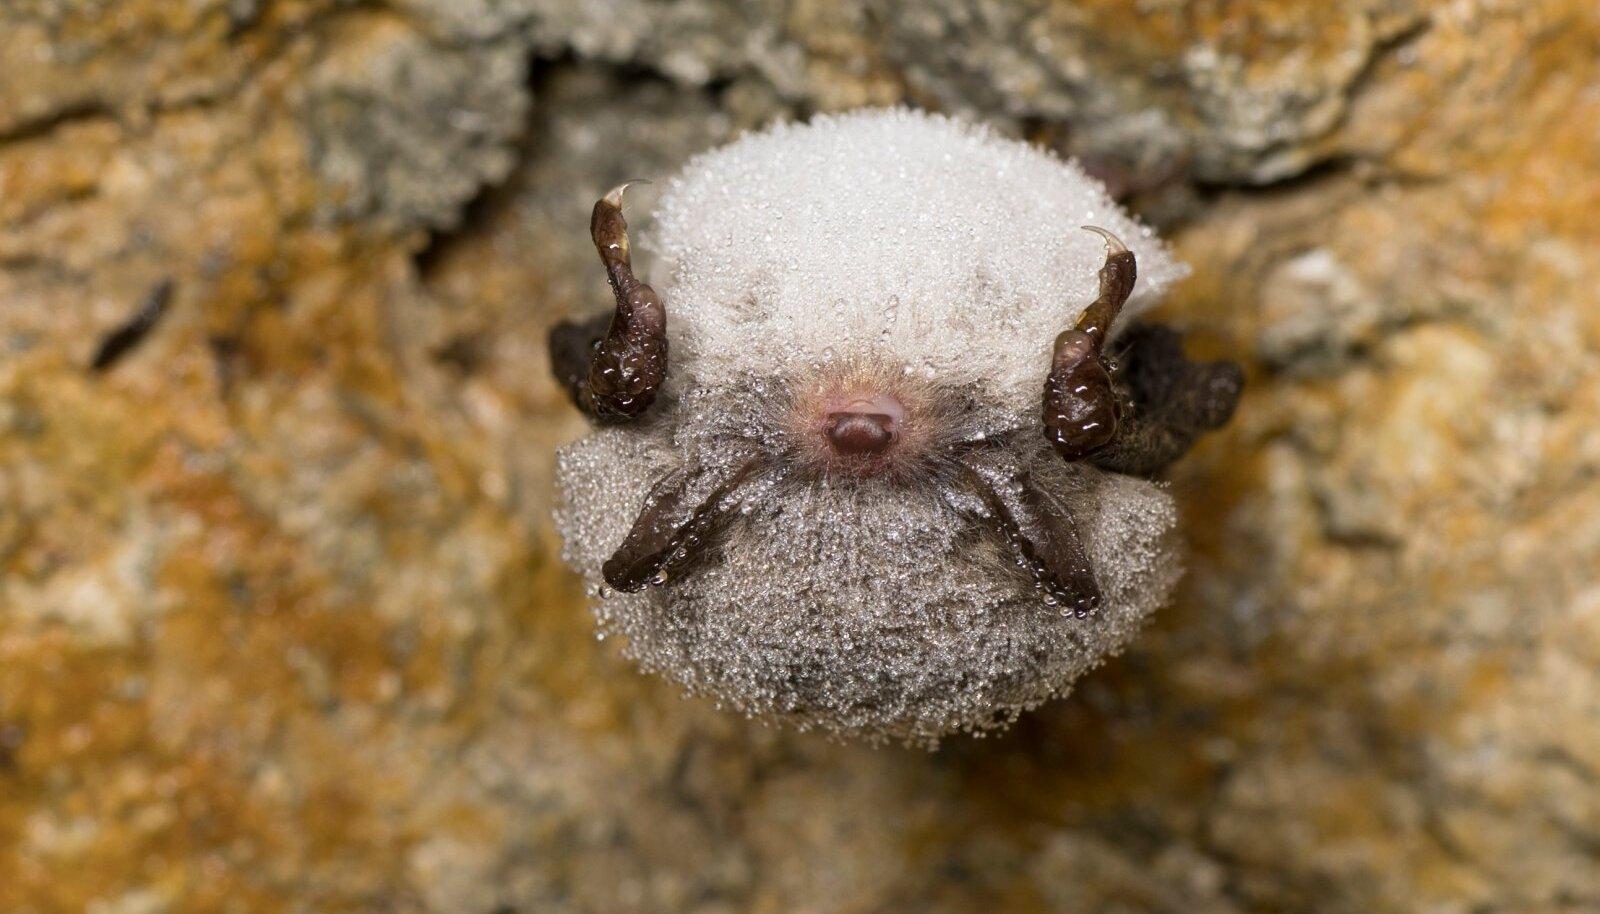 Veelendlane talvitub niisketes paikades. Tema kehale kogunenud niiskus hoiab nahkhiirt veepuuduse eest.